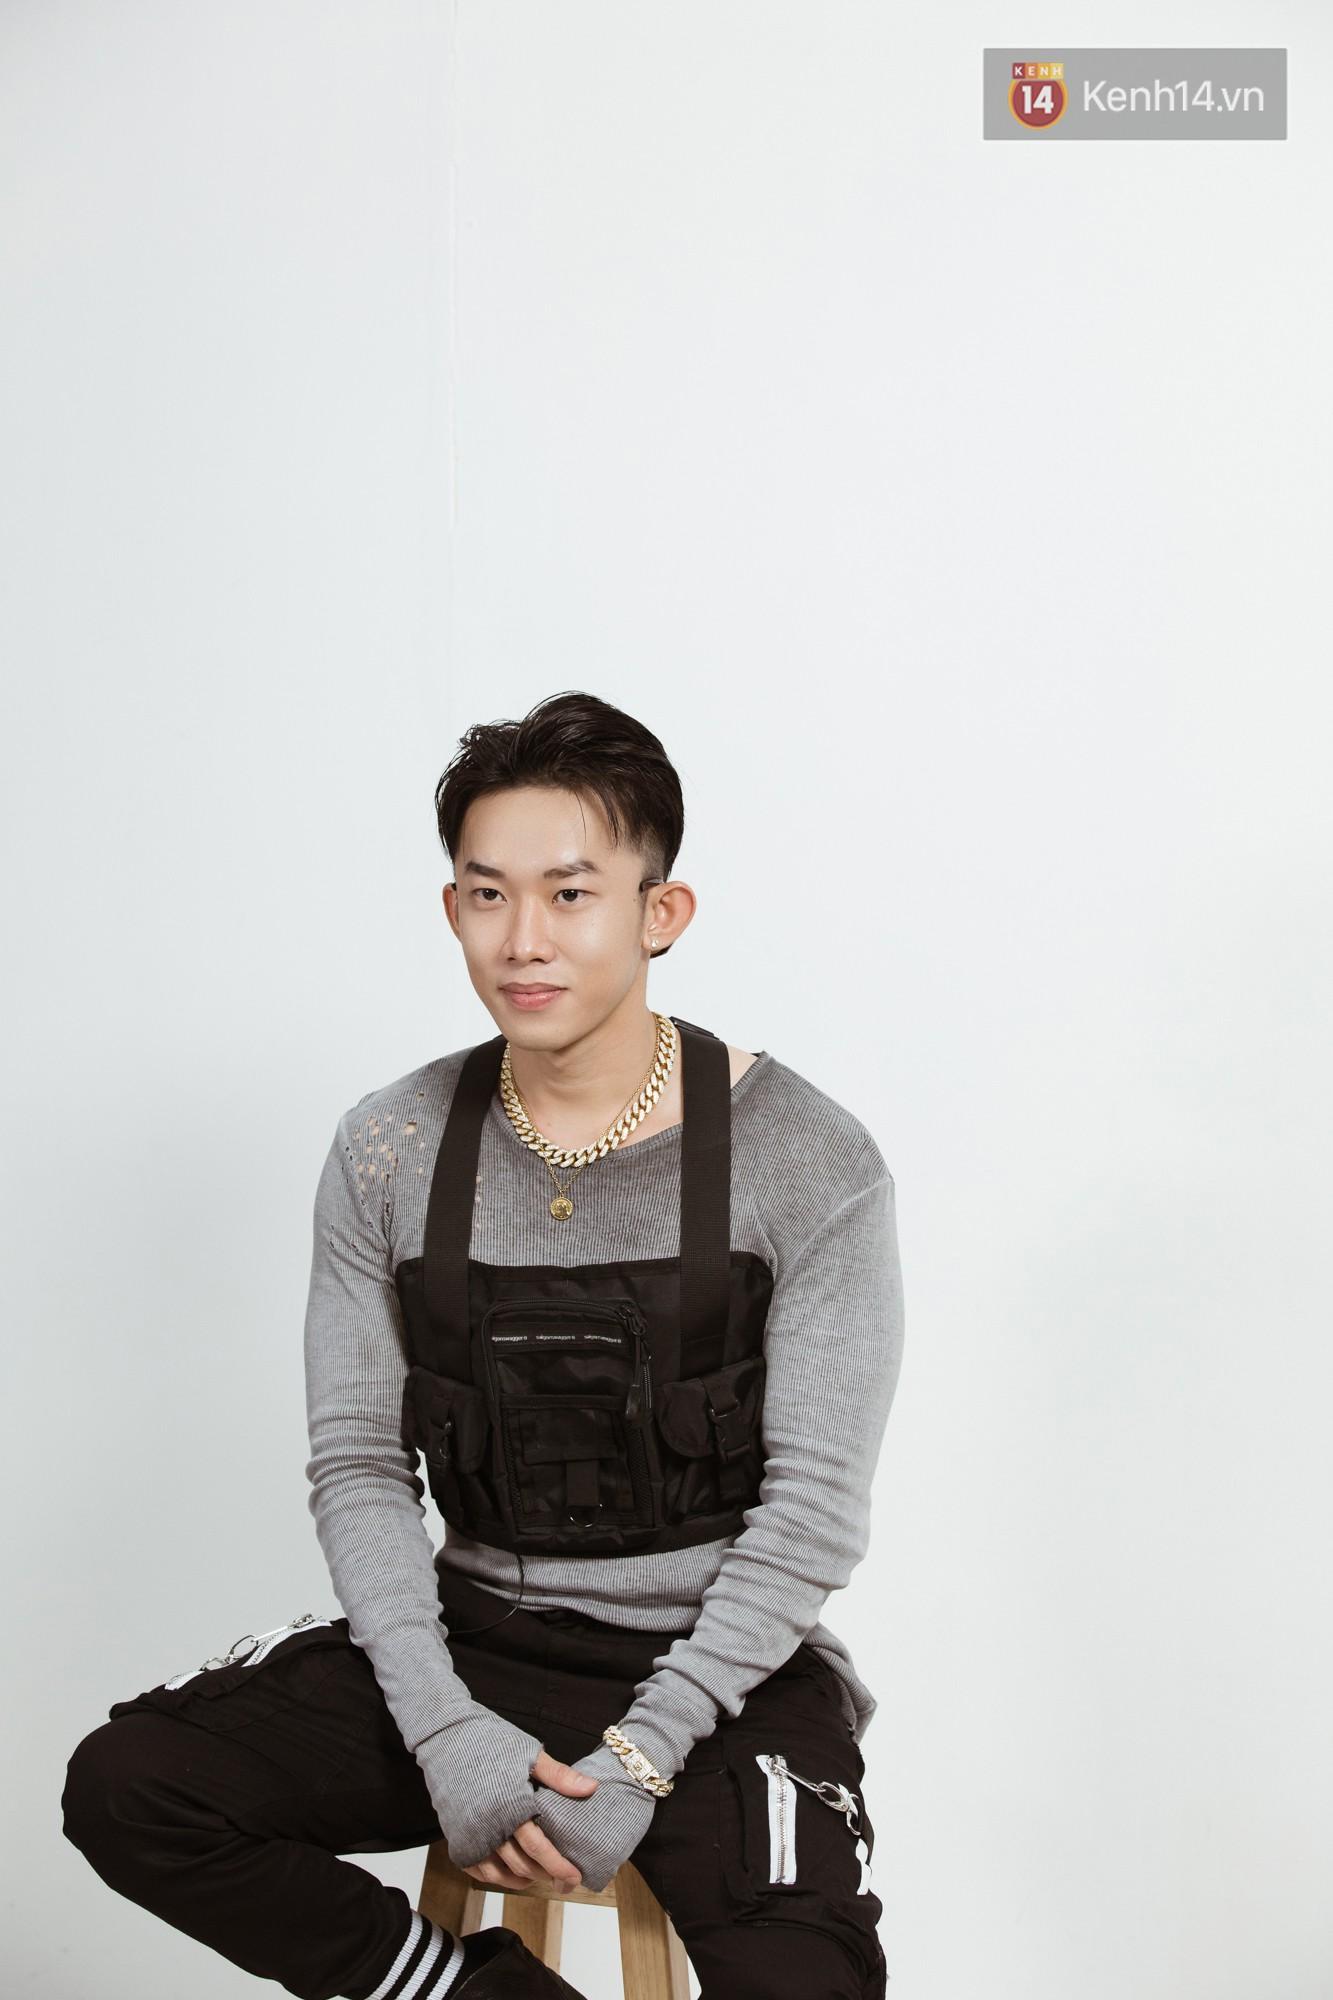 Kay Trần: Rời khỏi sân khấu, tôi còn không rõ con người thật mình là ai - Ảnh 3.